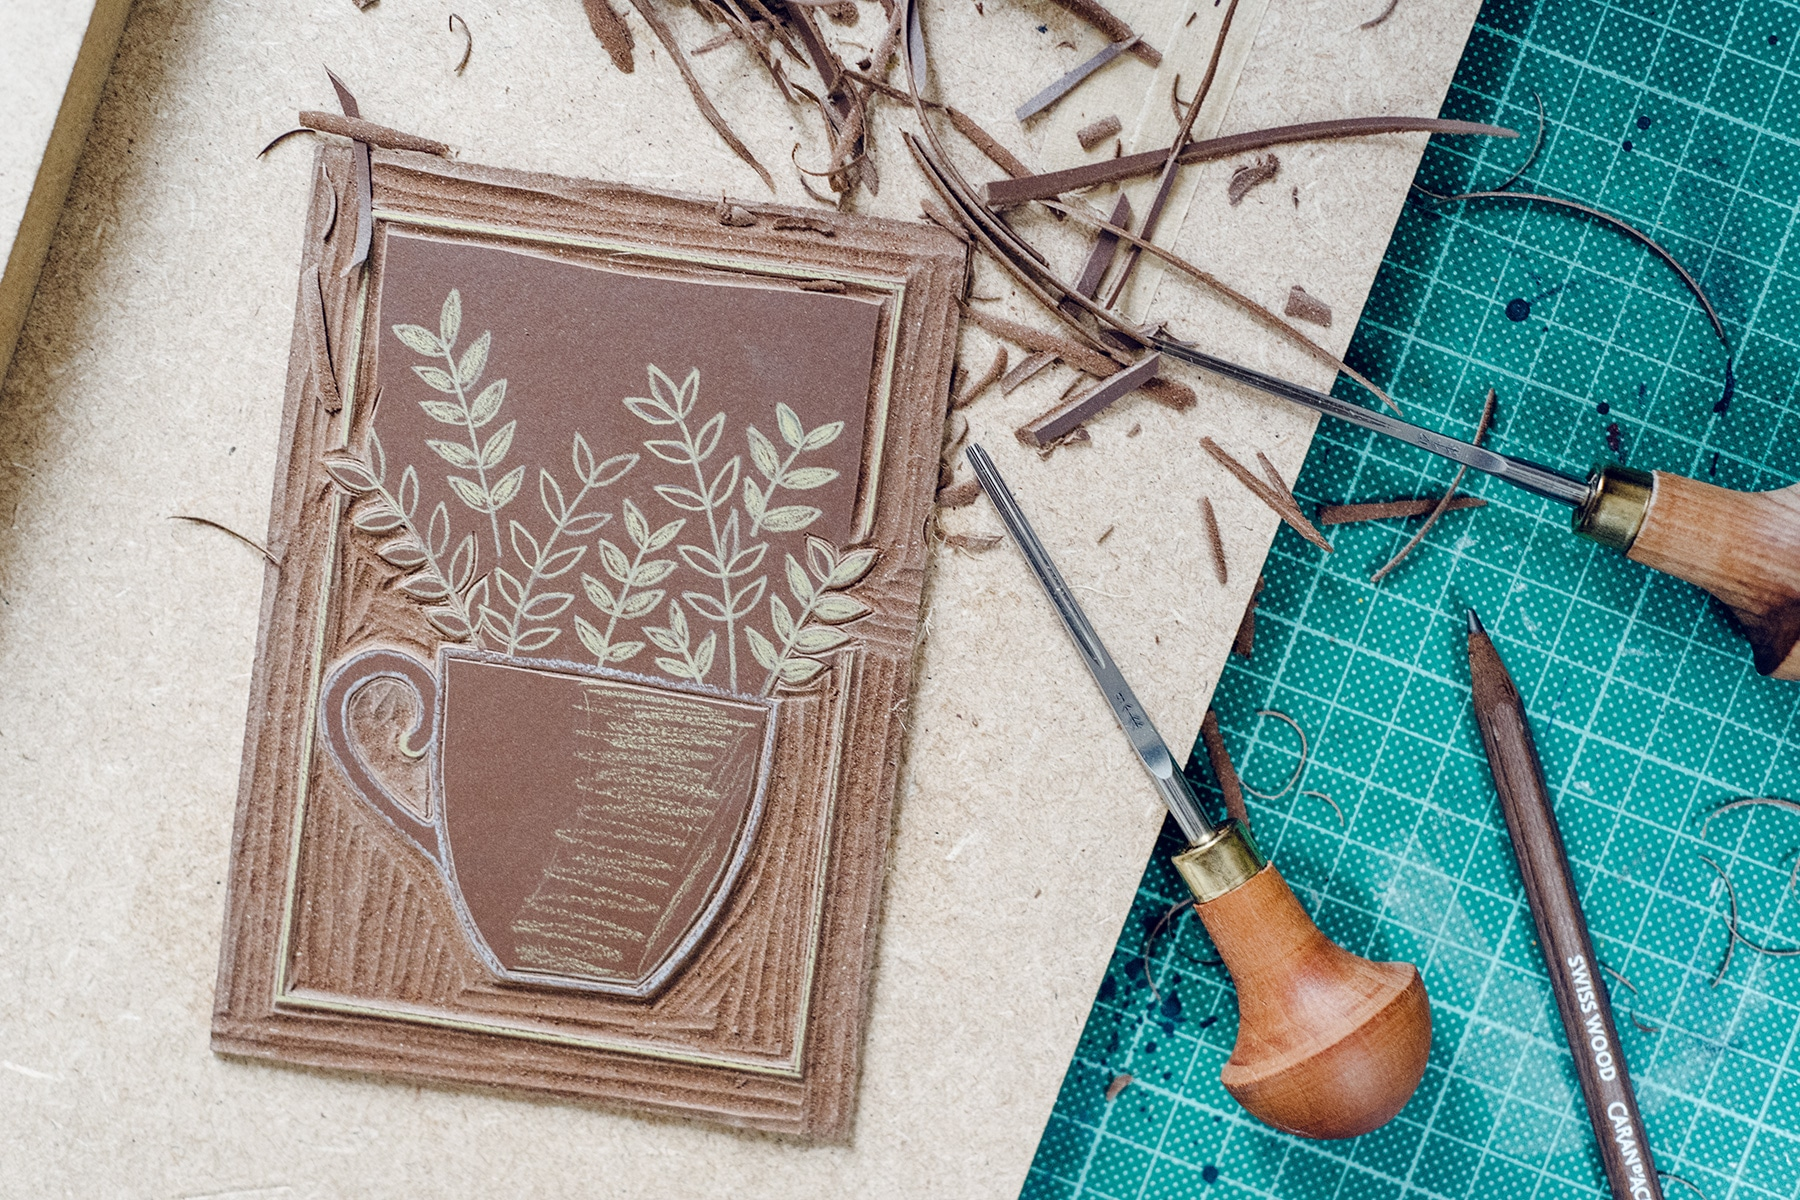 Gravure d'une plaque de lino pour l'impression